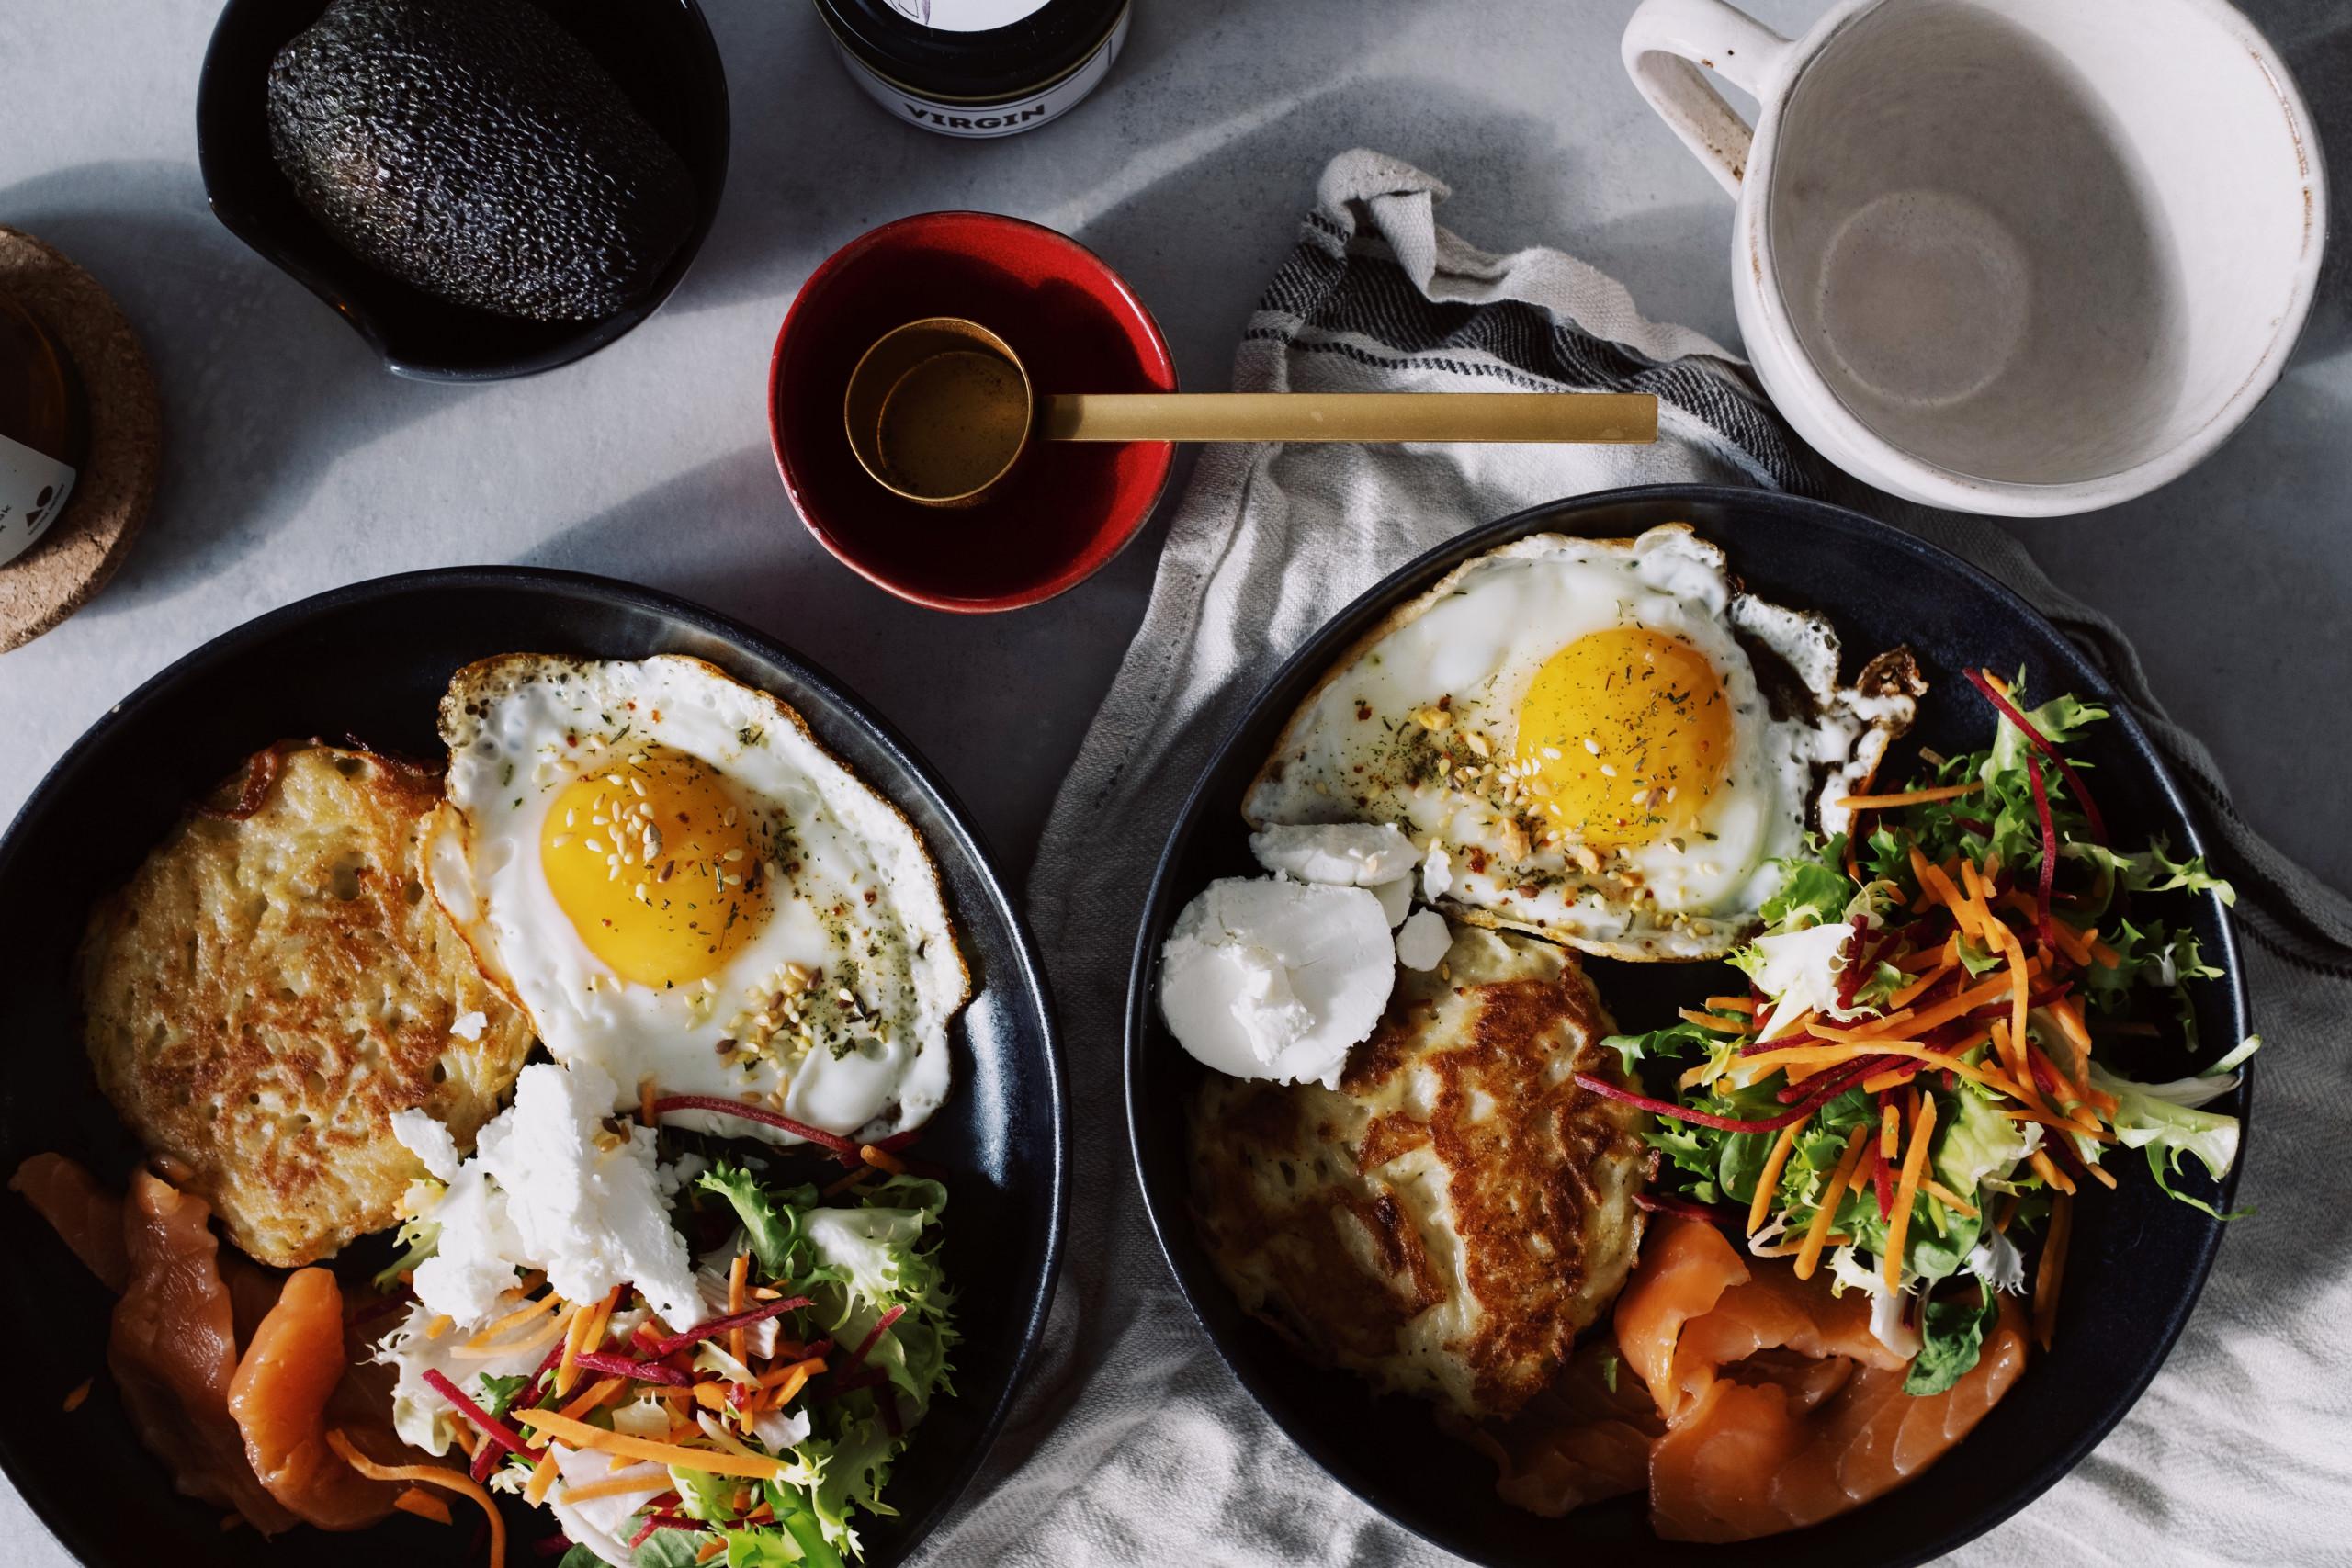 美味しいレシピでお家時間をもっと贅沢に彩ましょう